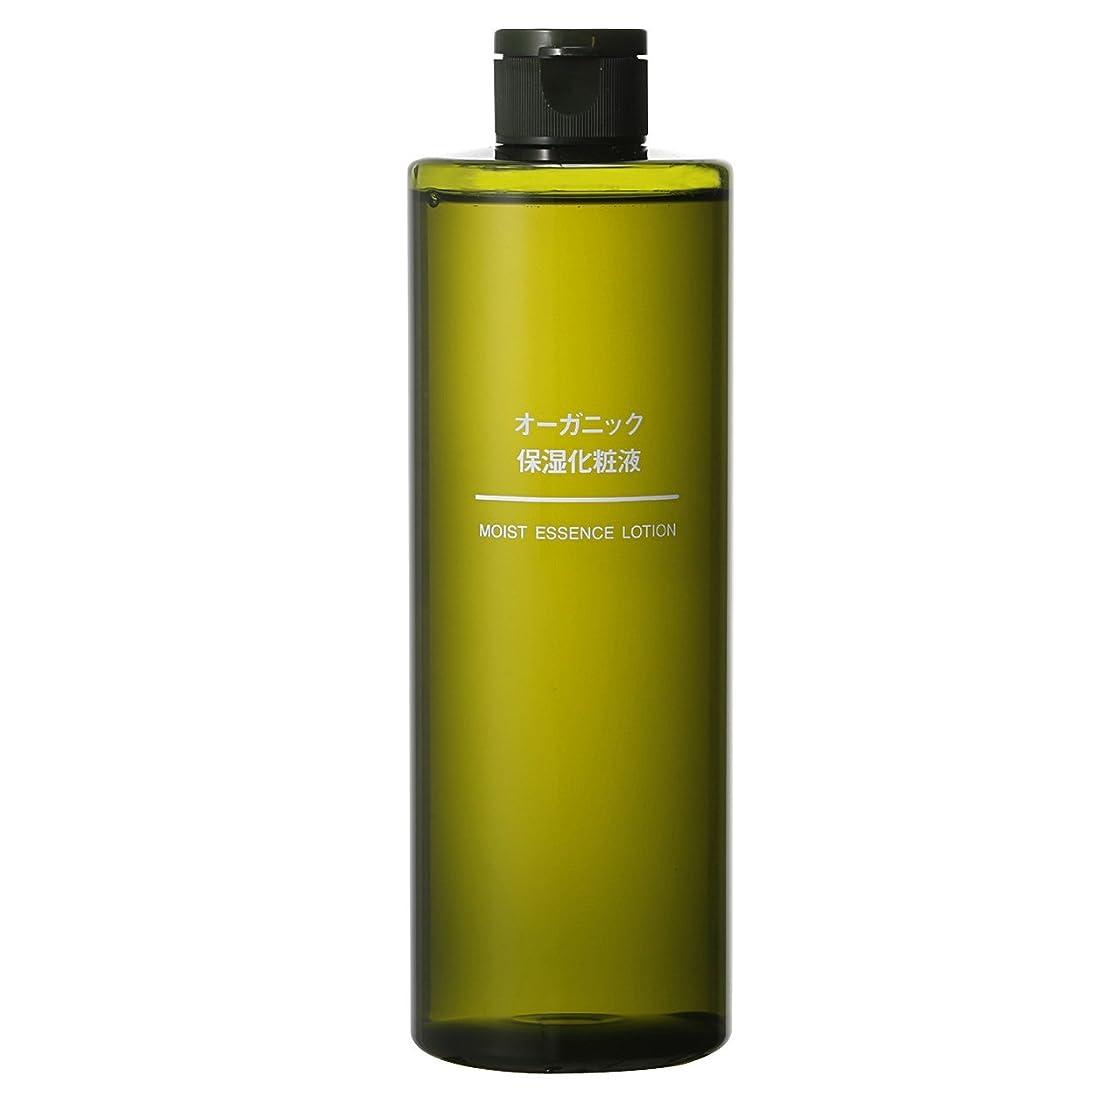 ラベ半導体トーナメント無印良品 オーガニック保湿化粧液(大容量) 400ml